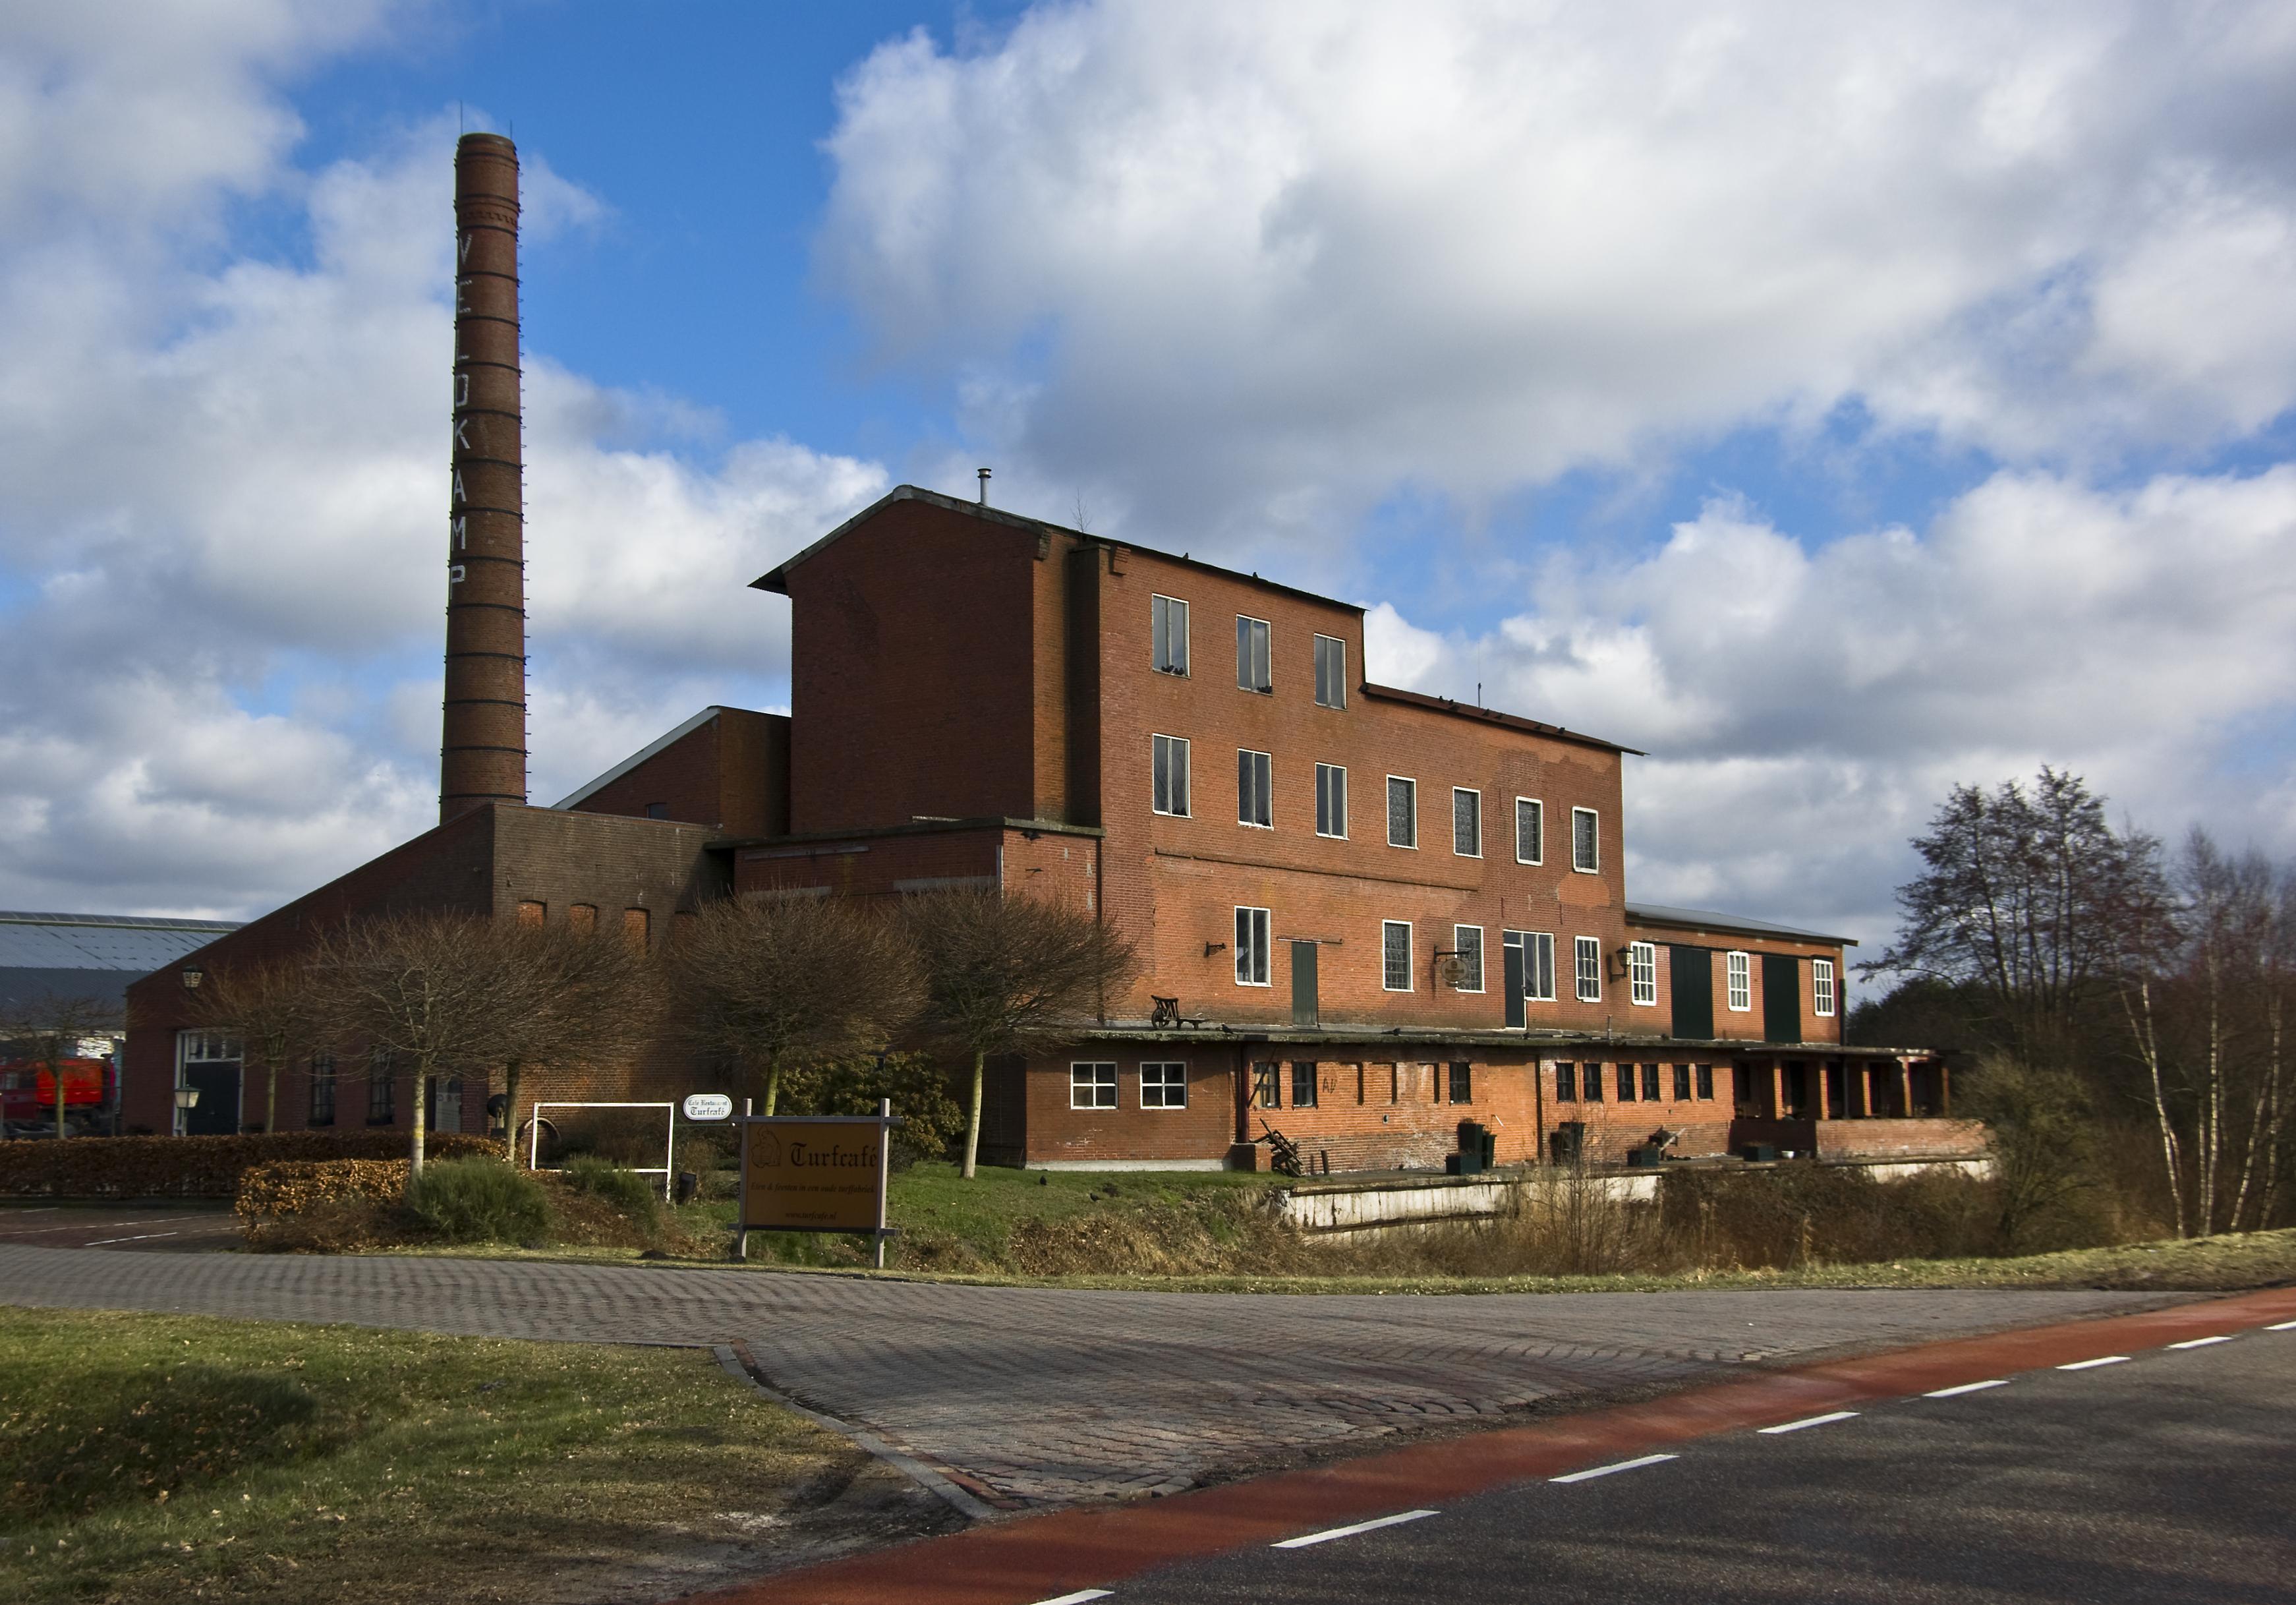 File:Jaknikker Pallert Schoonebeek.JPG - Wikimedia Commons